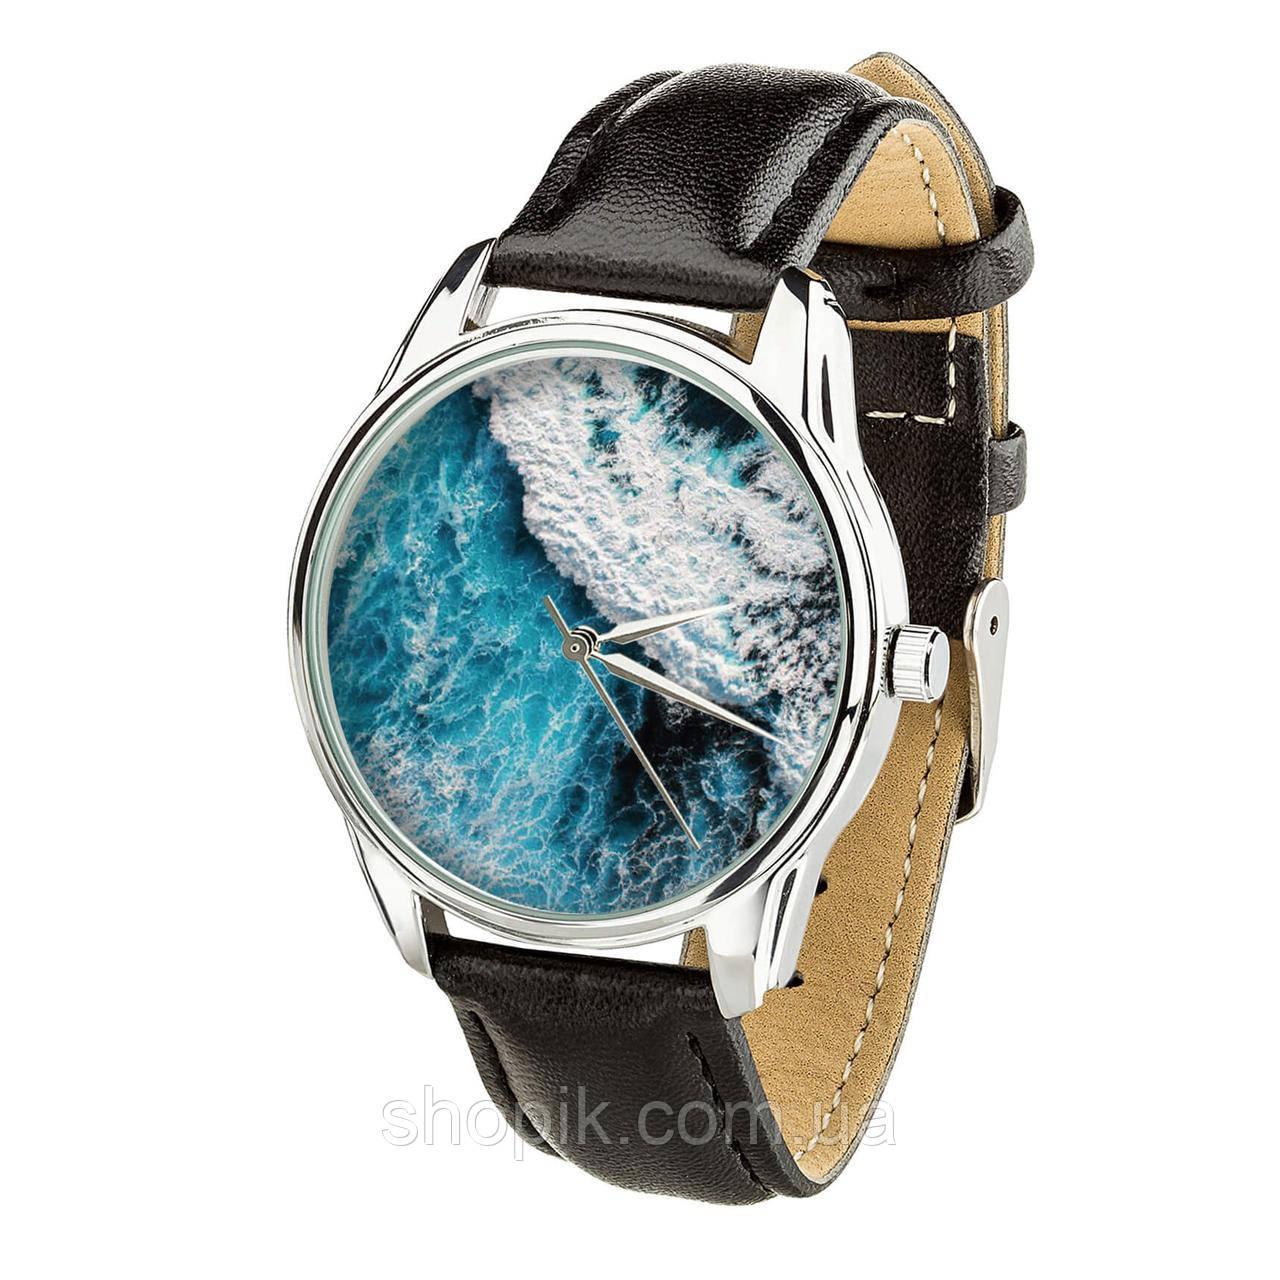 Часы ZIZ Океаническая волна (ремешок насыщенно - черный, серебро) + дополнительный ремешок SHOPIK